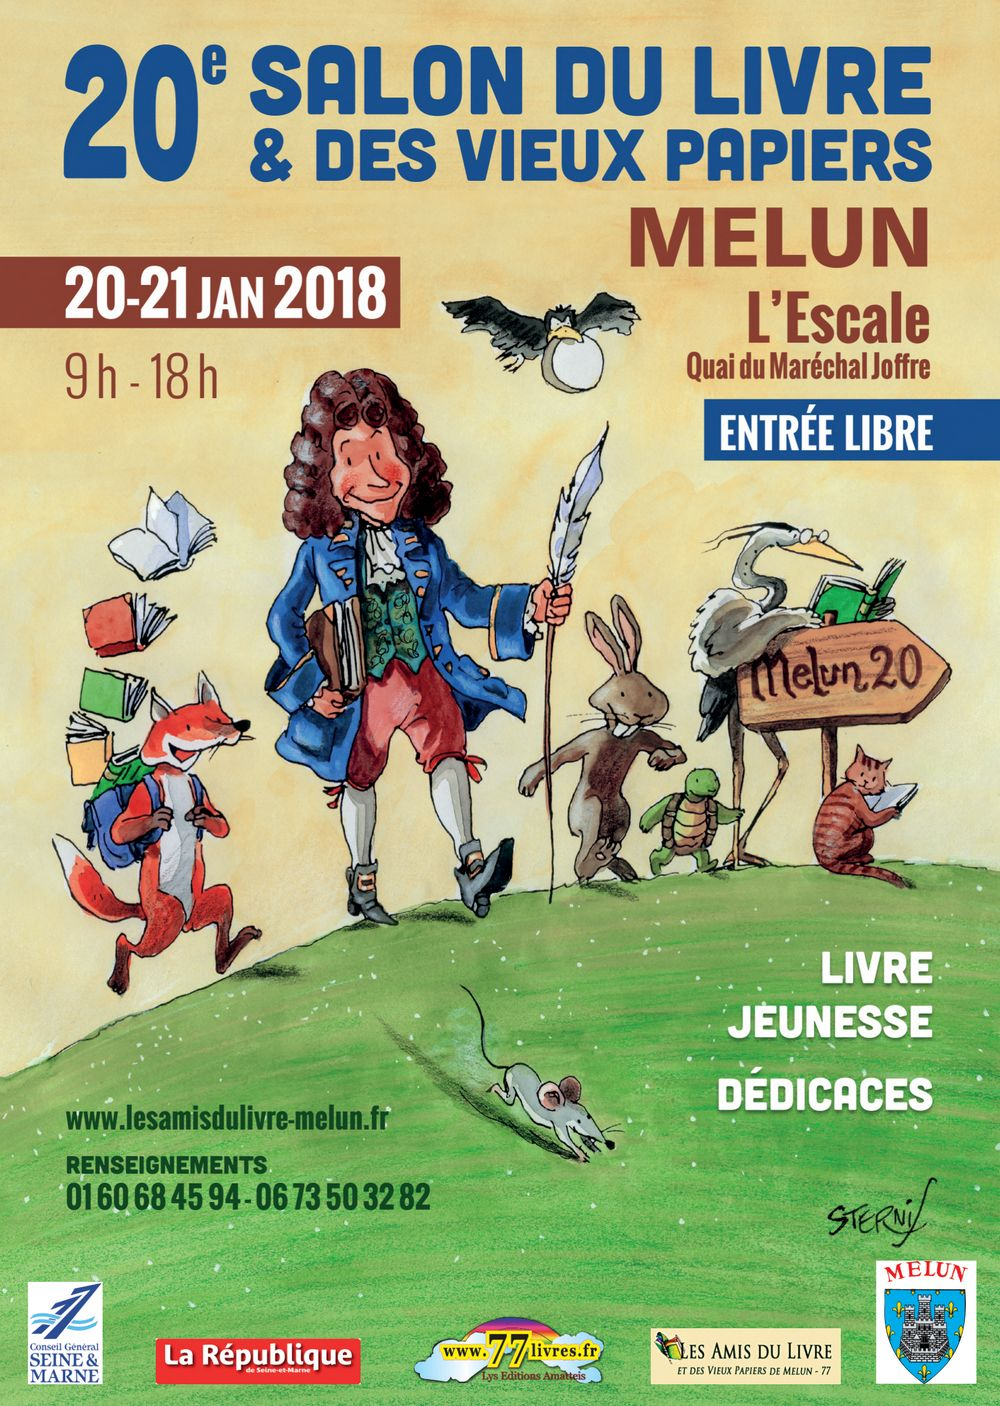 Salon du livre de melun 2018 les amis du livre et vieux - Salon du livre toulon ...